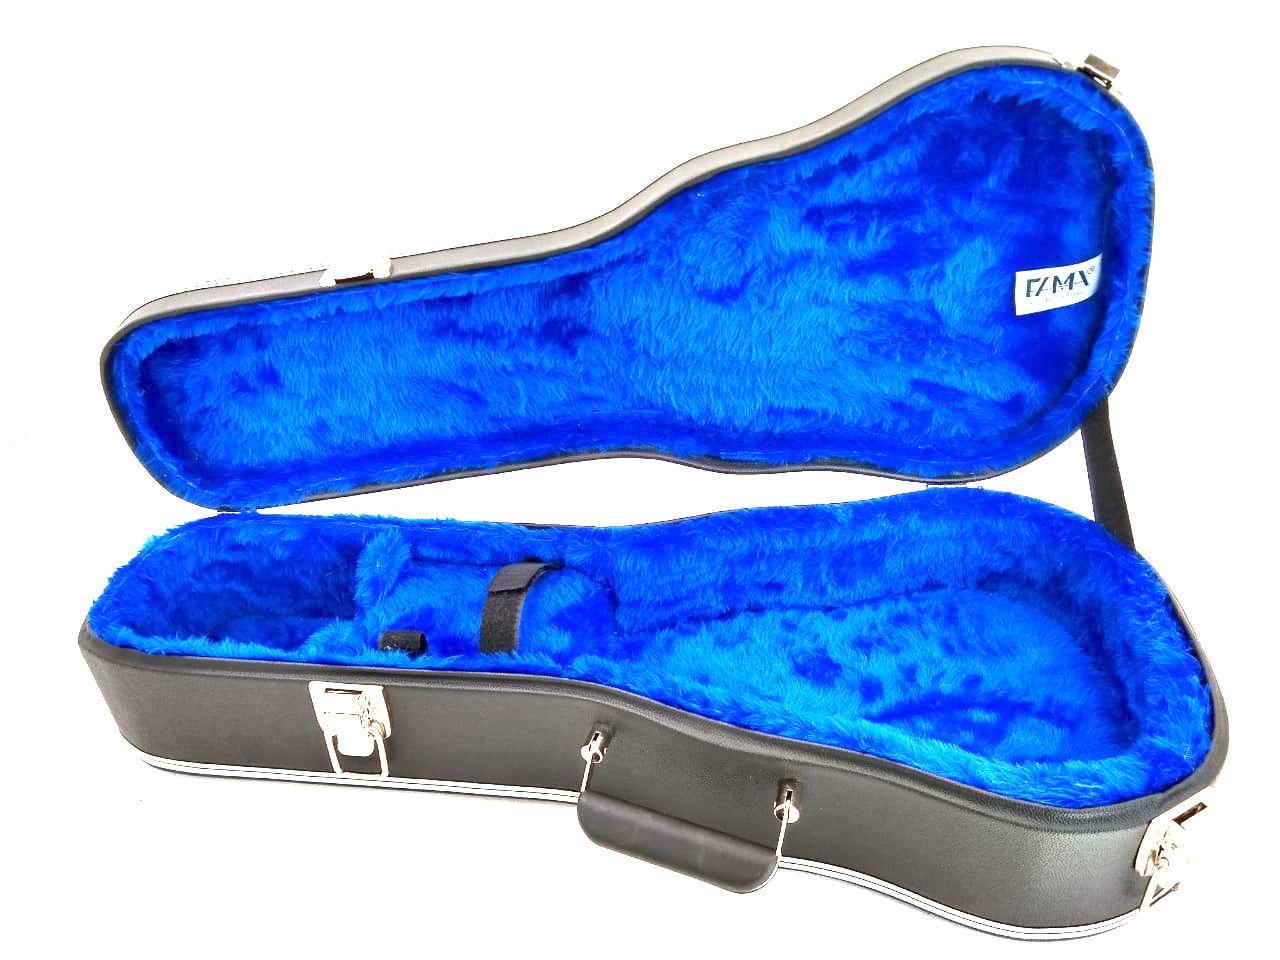 Case Térmico Para Cavaco Cavaquinho Luxo Pelúcia Azul